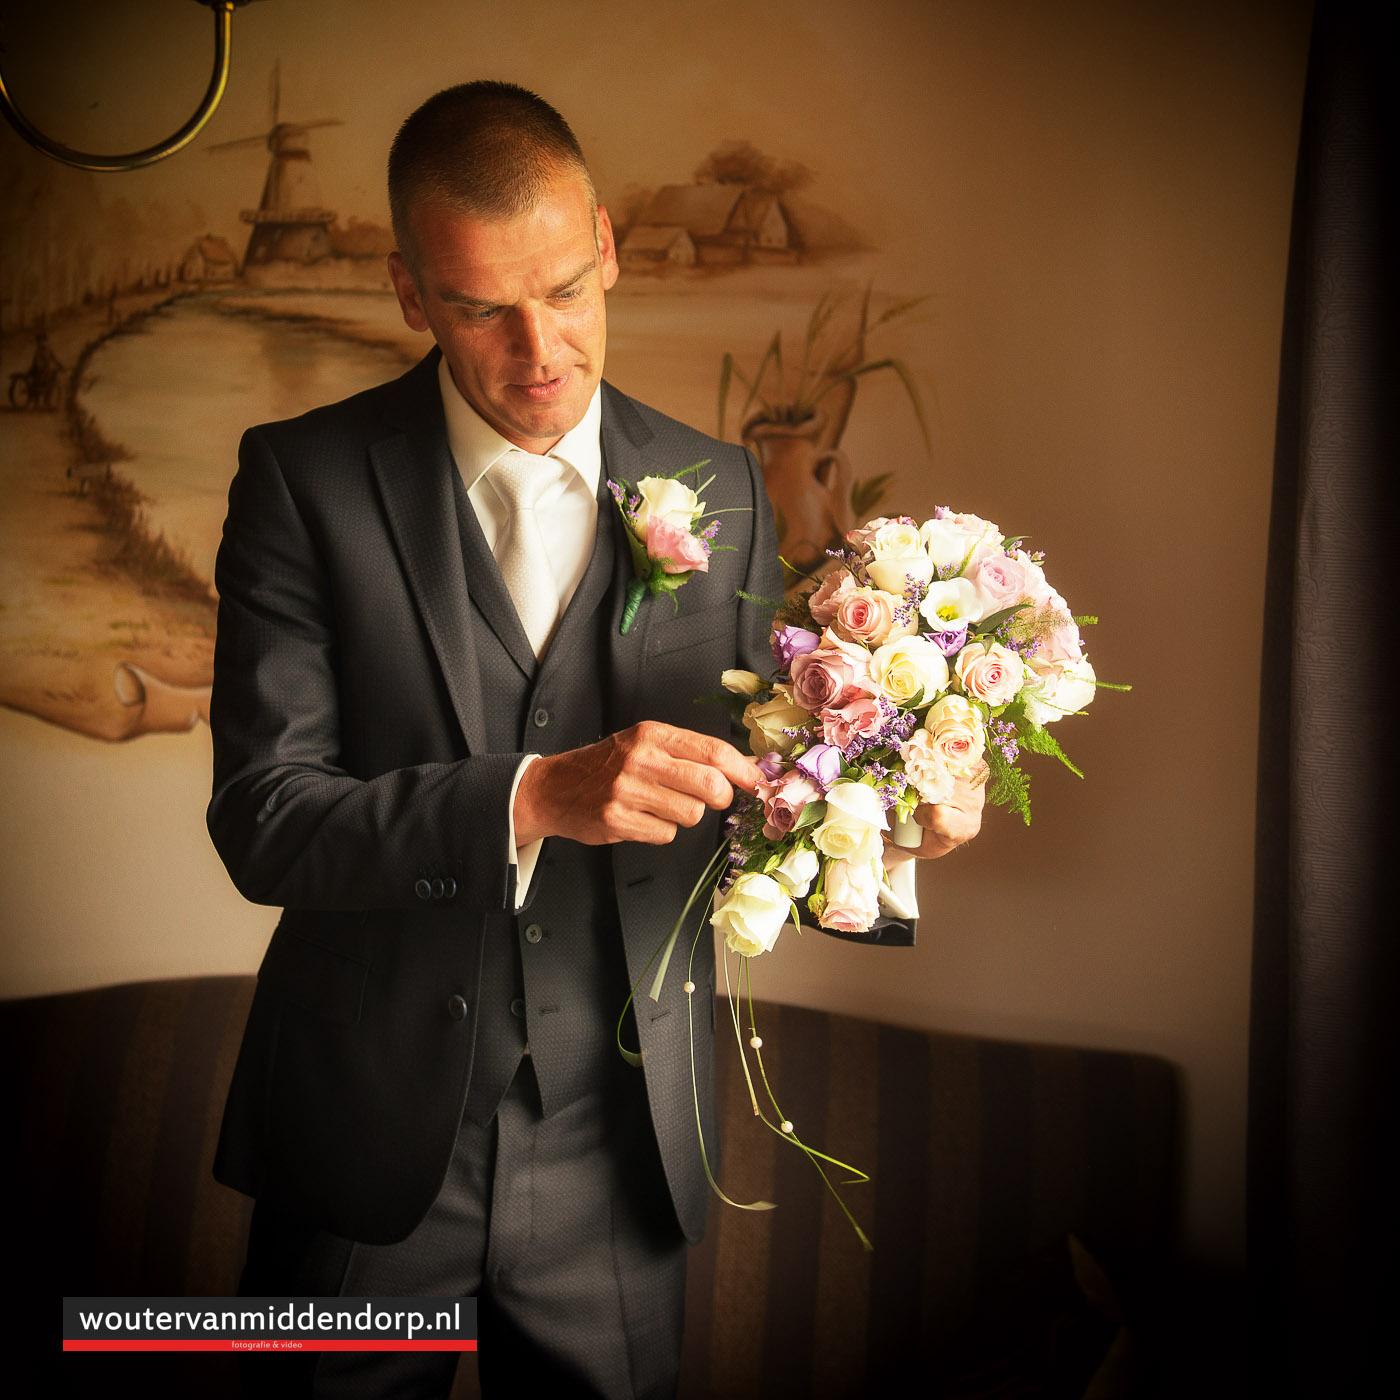 bruidsfotografie-wouter-van-middendorp-veenendaal-uddel-10